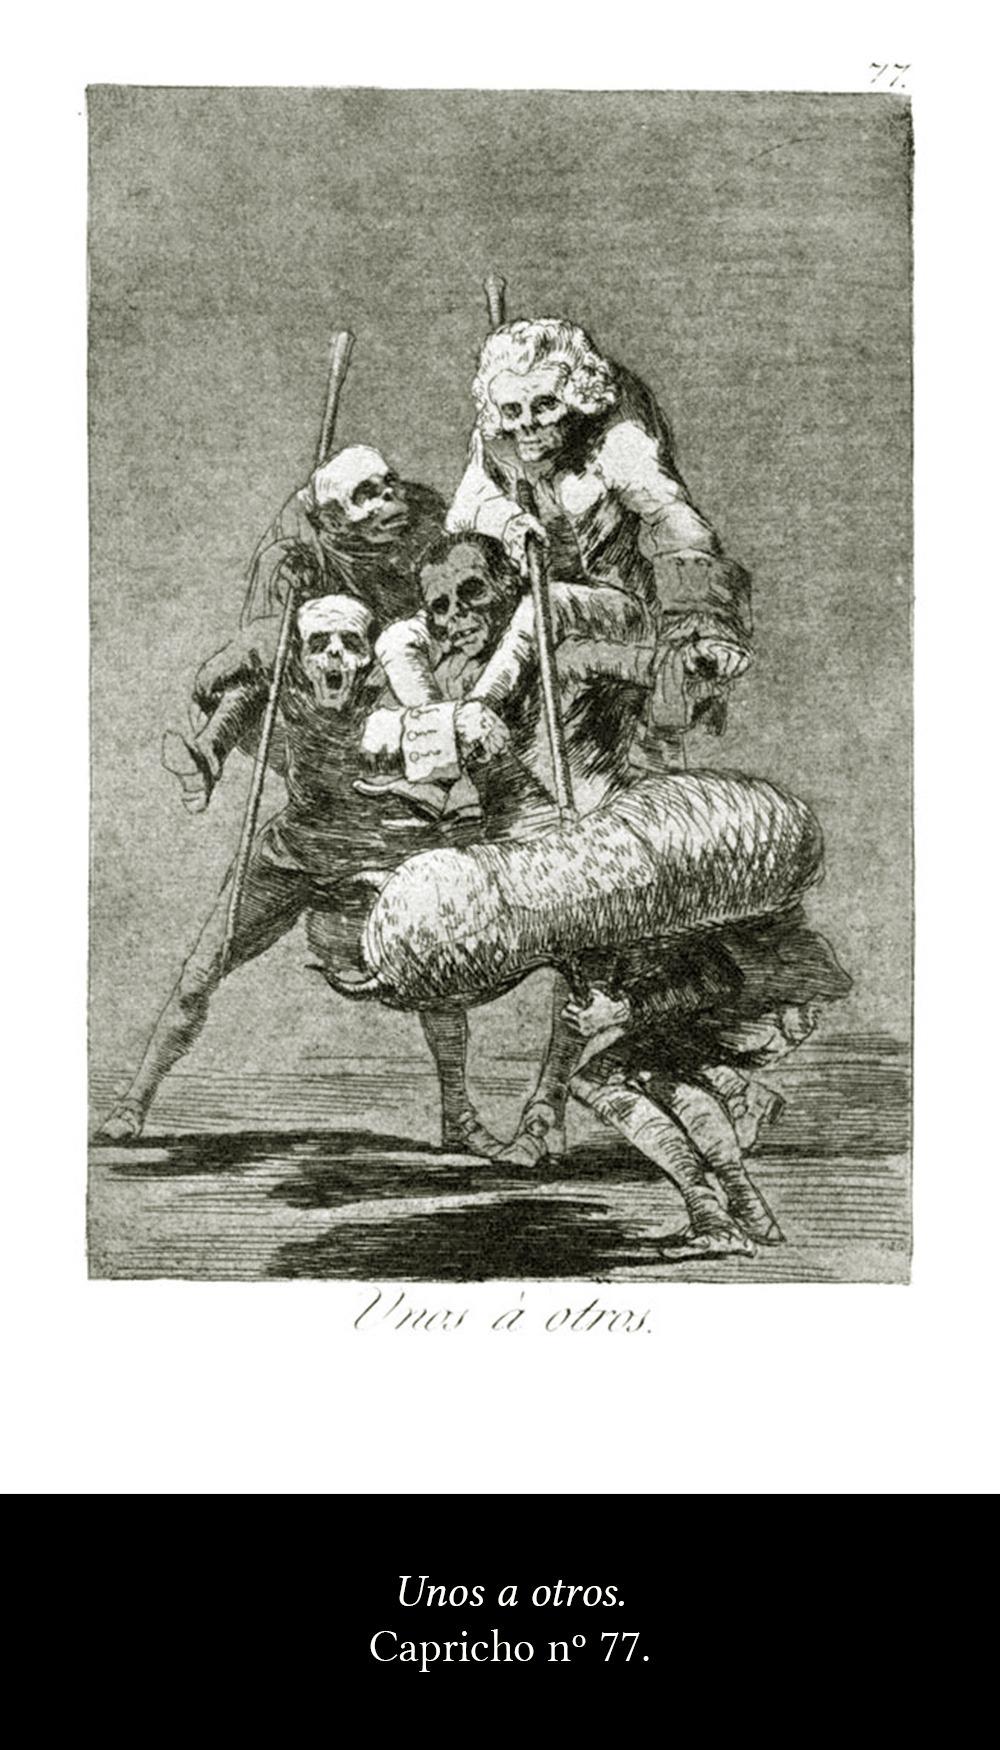 Los caprichos de Goya. - 3 minutos de arte